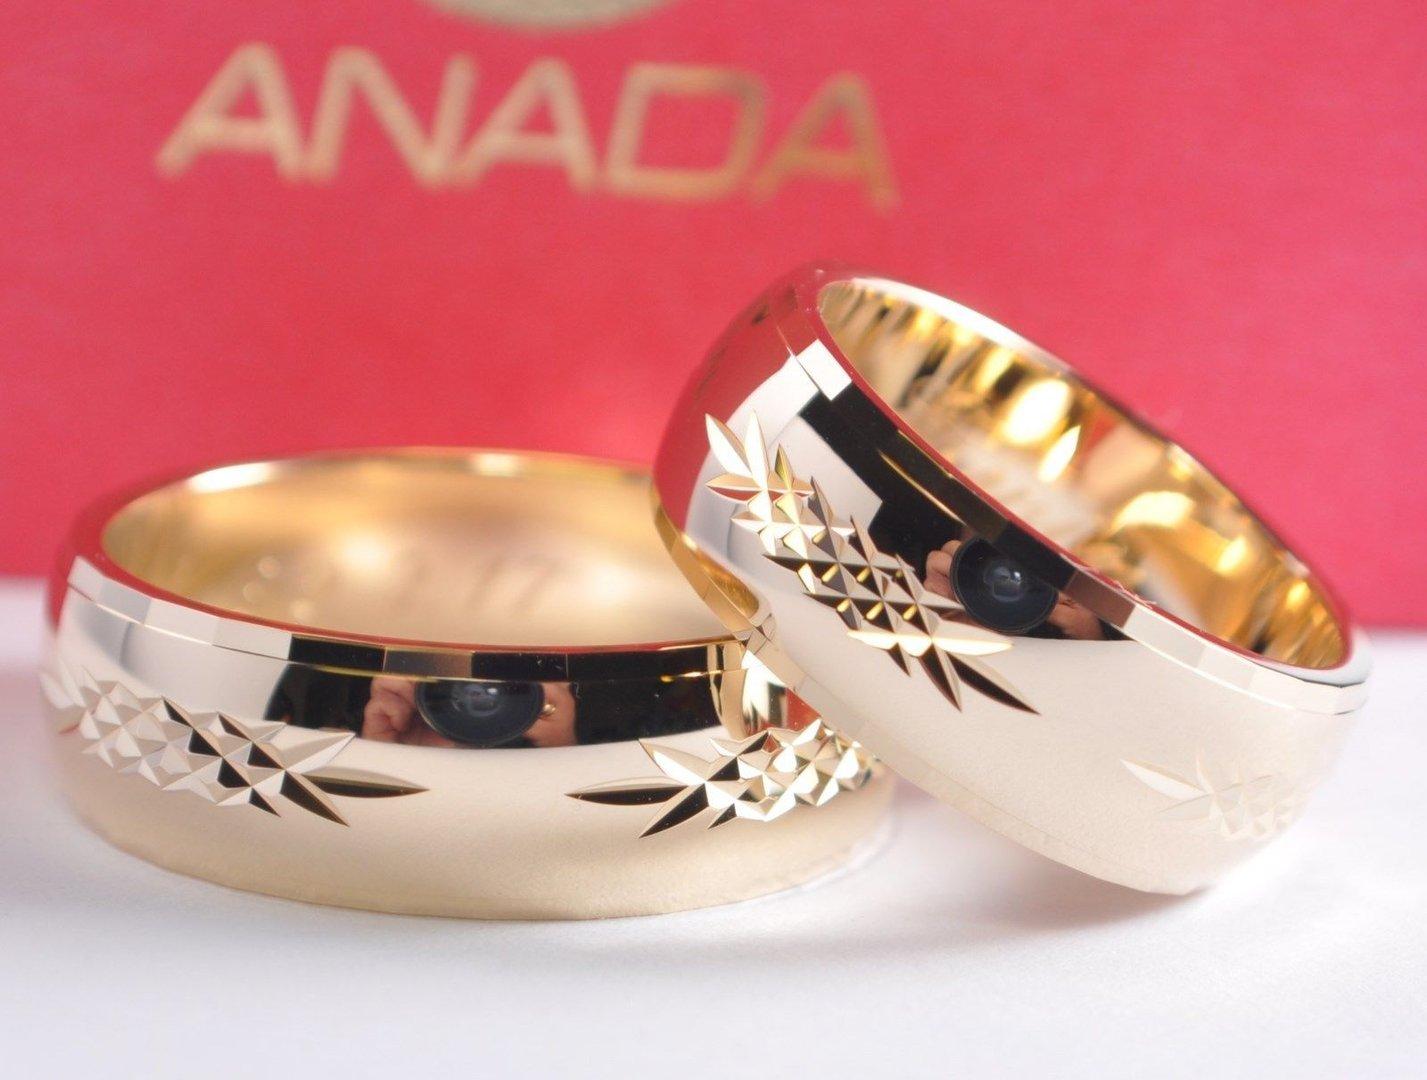 1 Paar Gold 585 Trauringe Eheringe Hochzeitsringe mit blitzendem Muster  B 8mm  Trauringe und